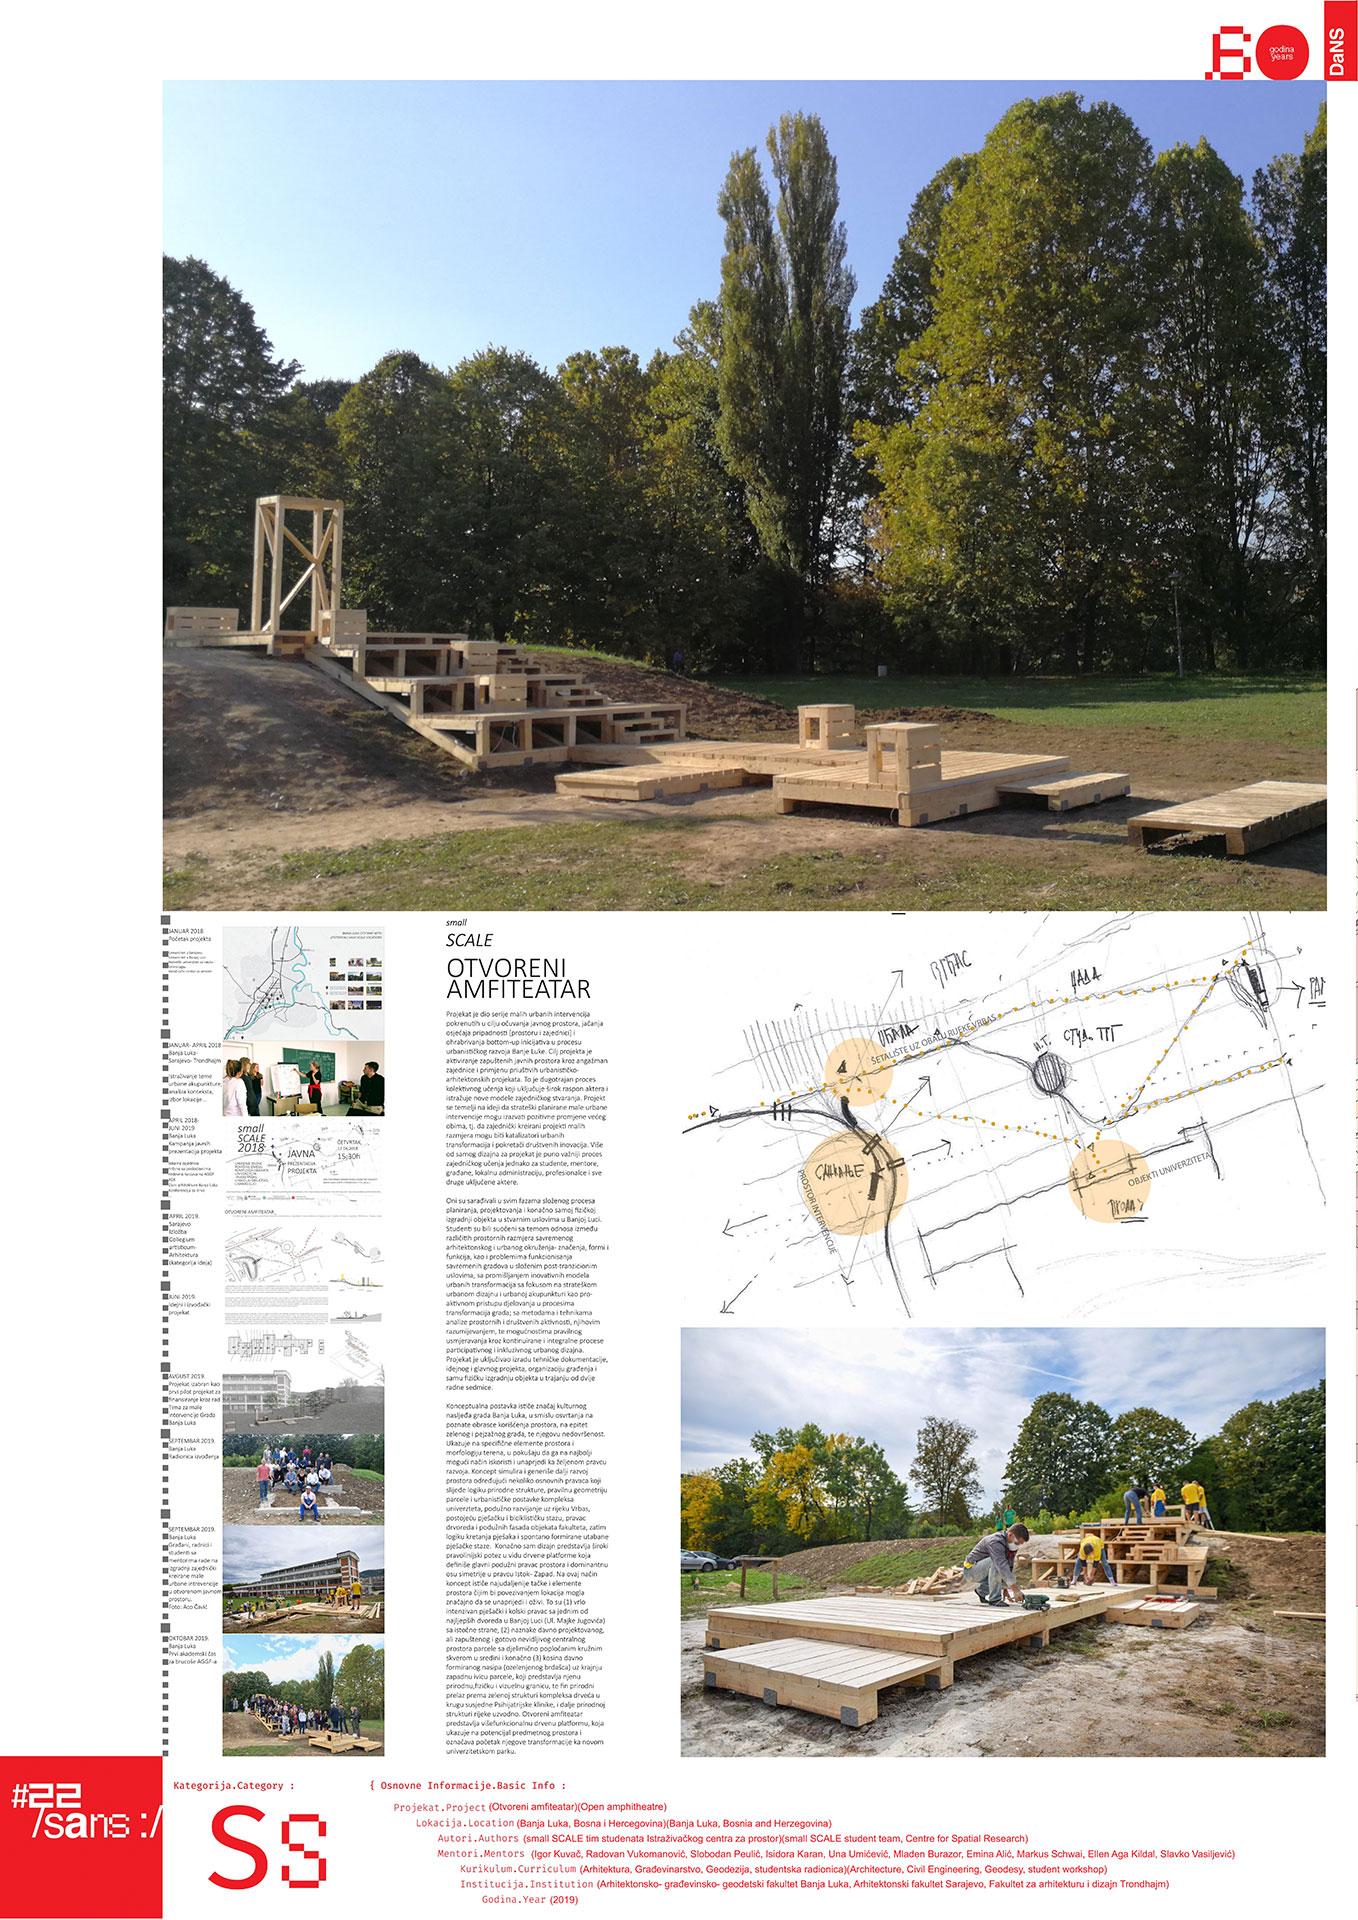 Otvoreni amfiteatar // Open amphitheater